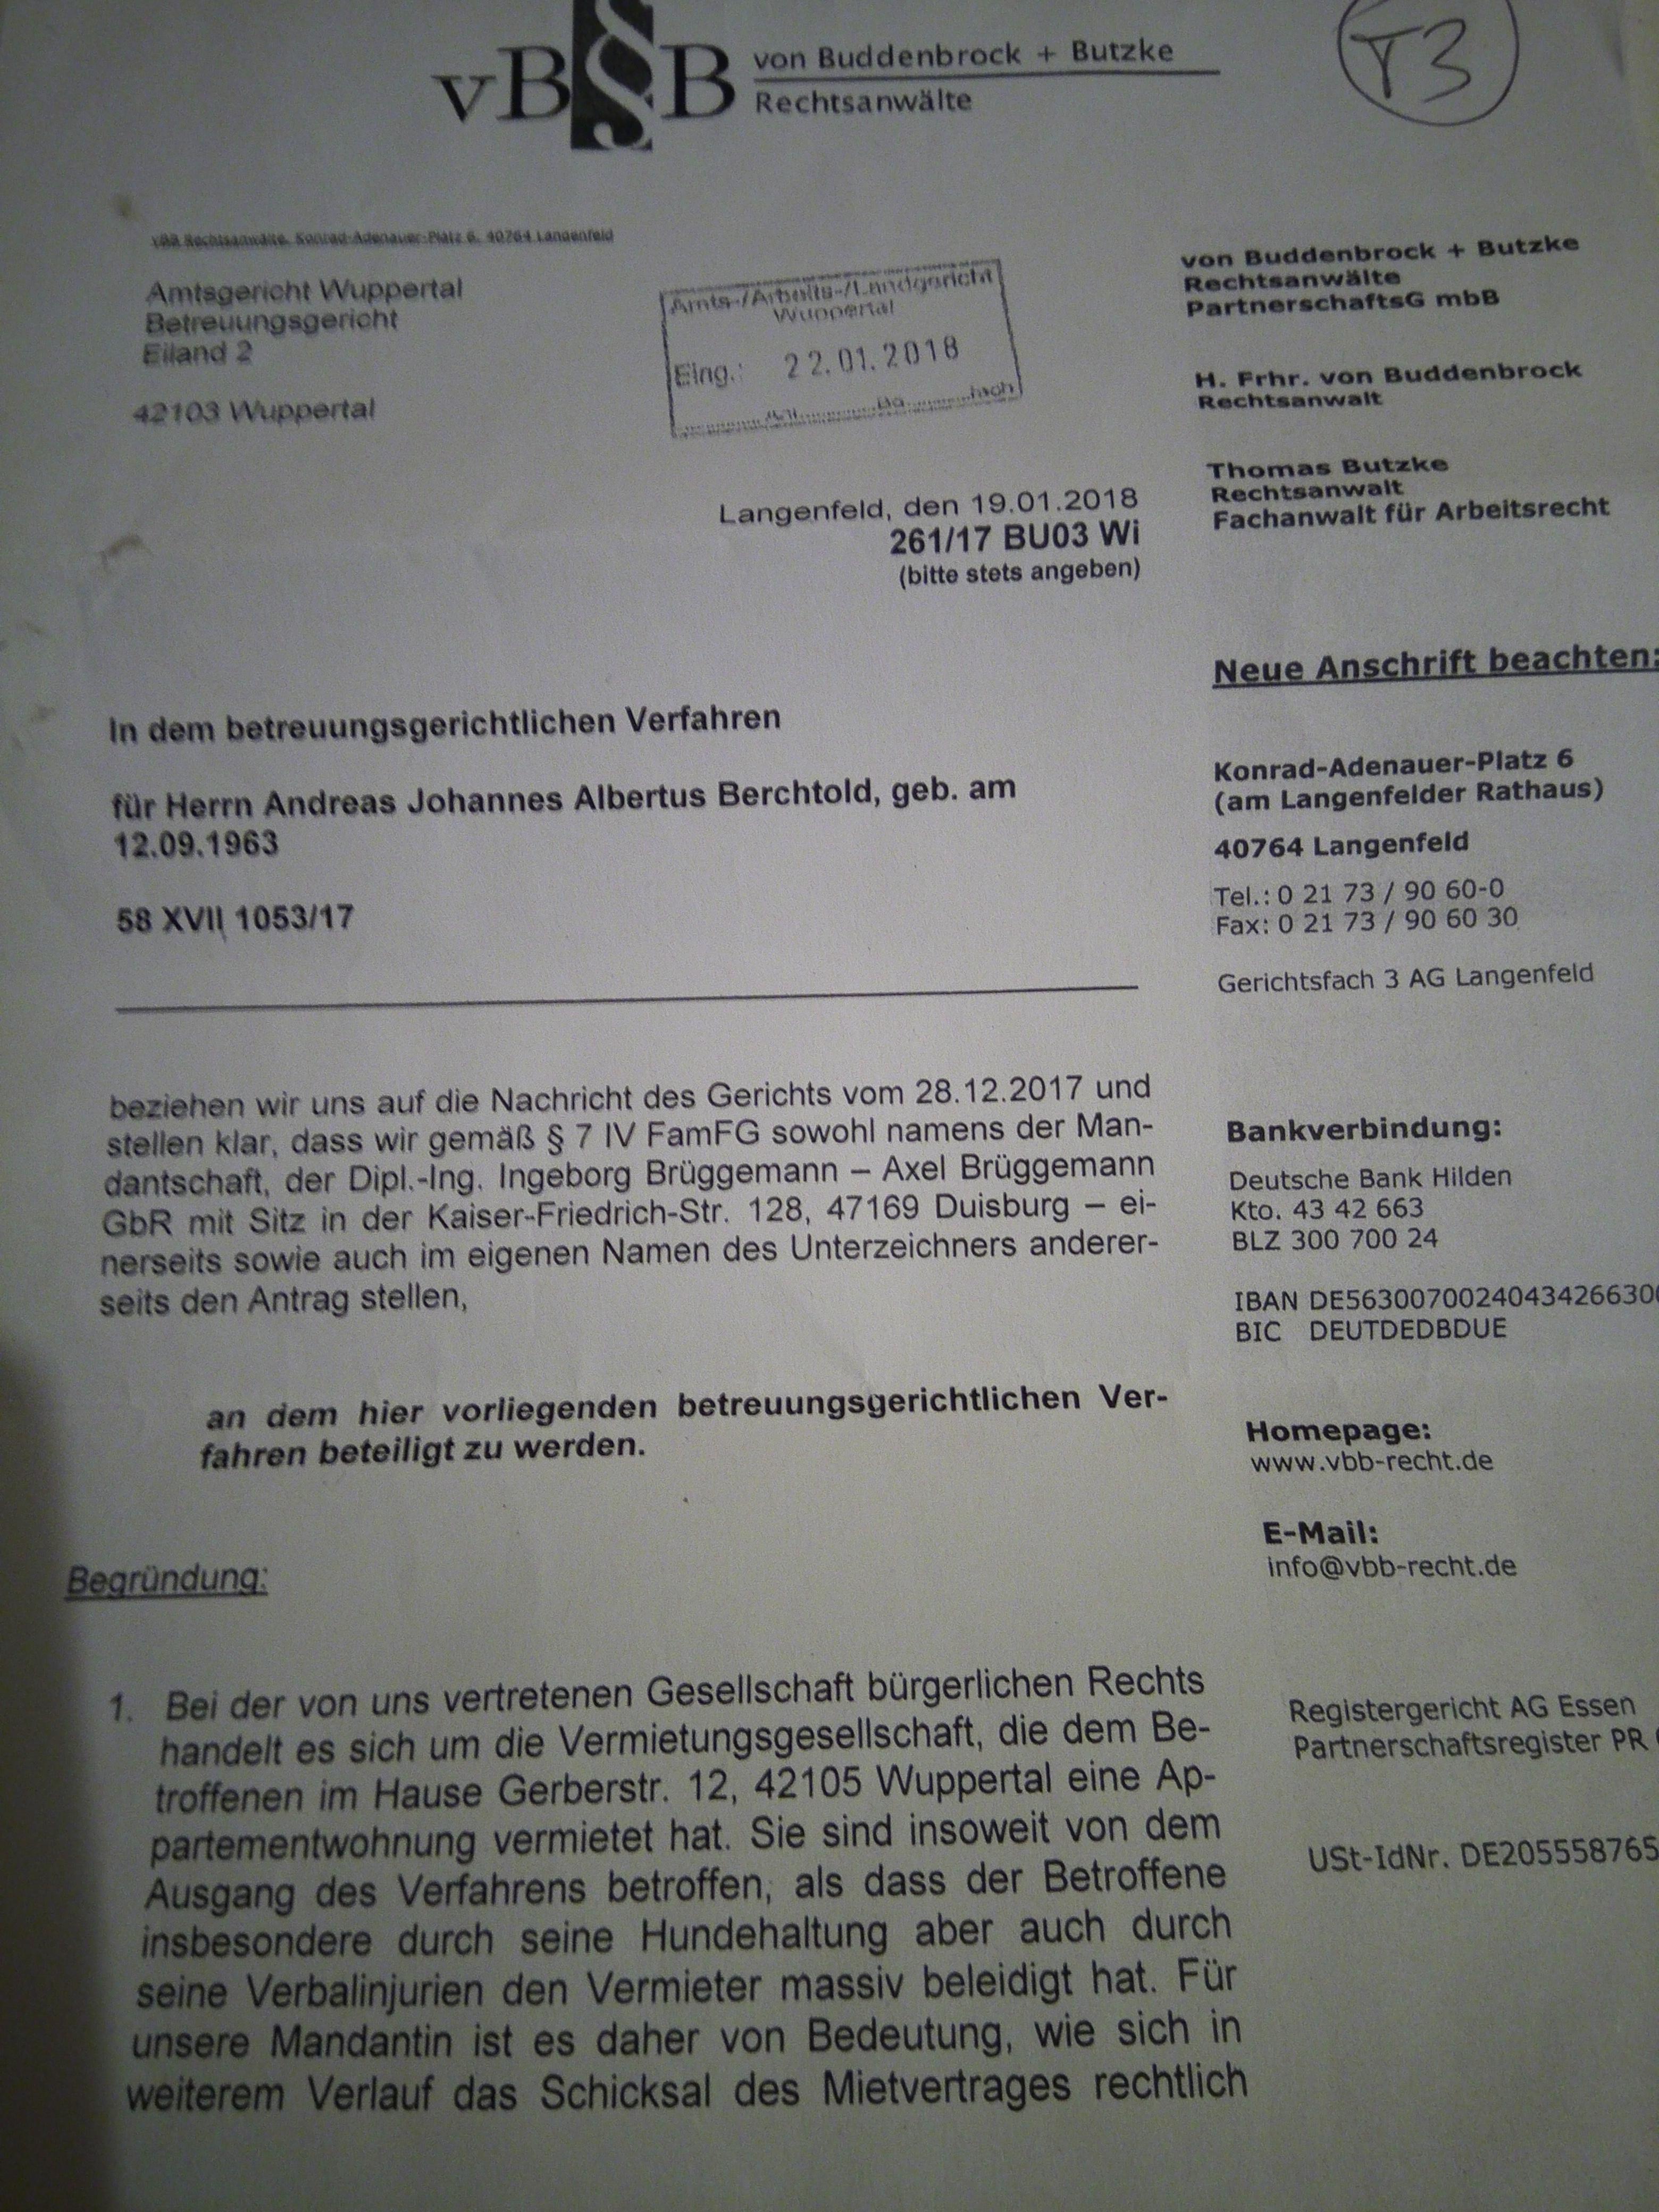 Großartig Valentineschablonen Für Karten Zeitgenössisch - Entry ...